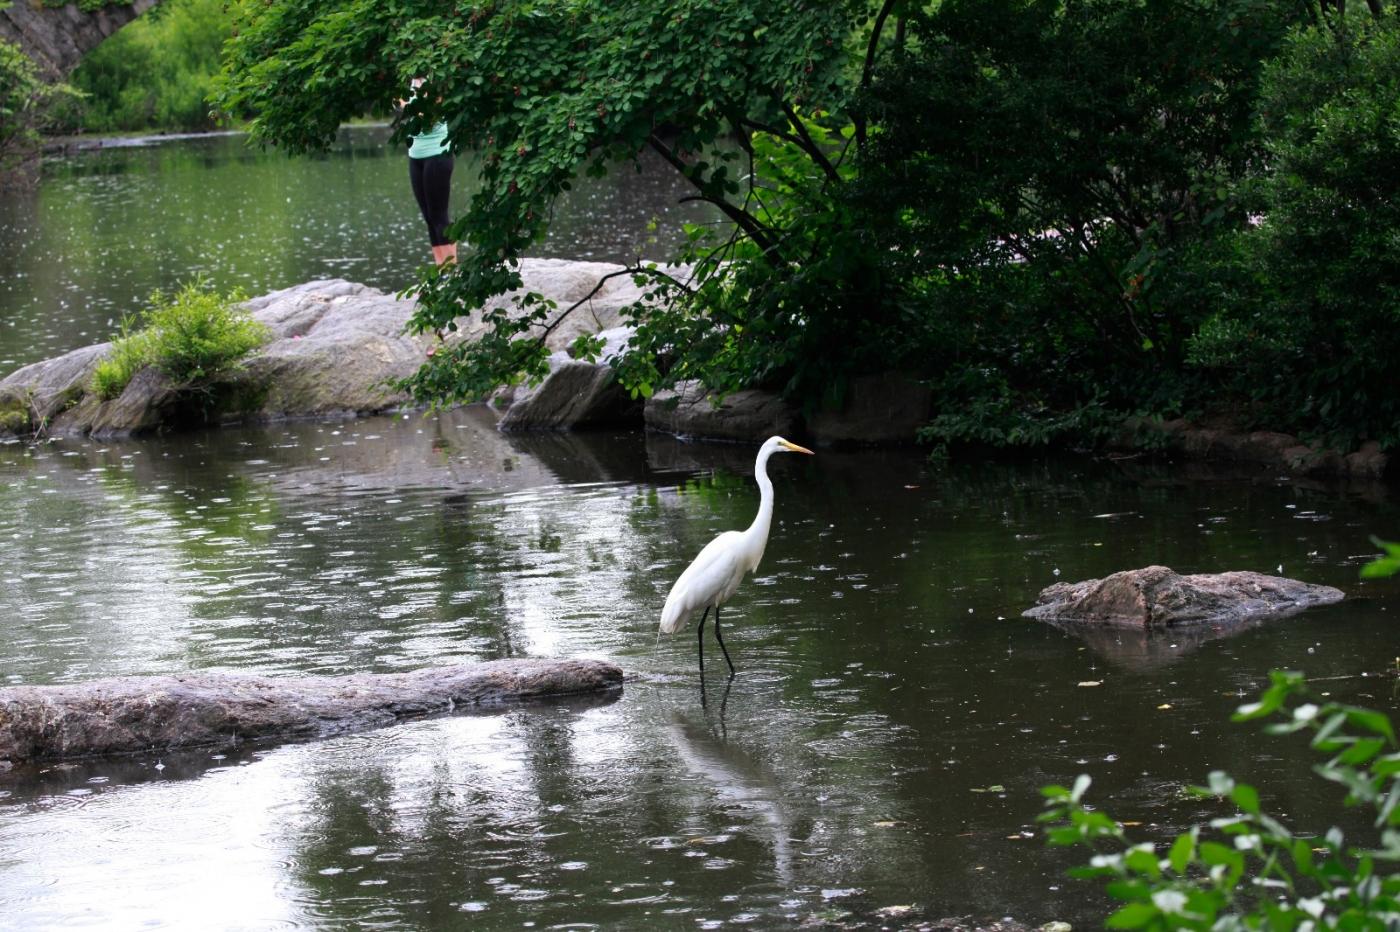 中央公园的白鹭,姿态优美,游客喜爱_图1-4